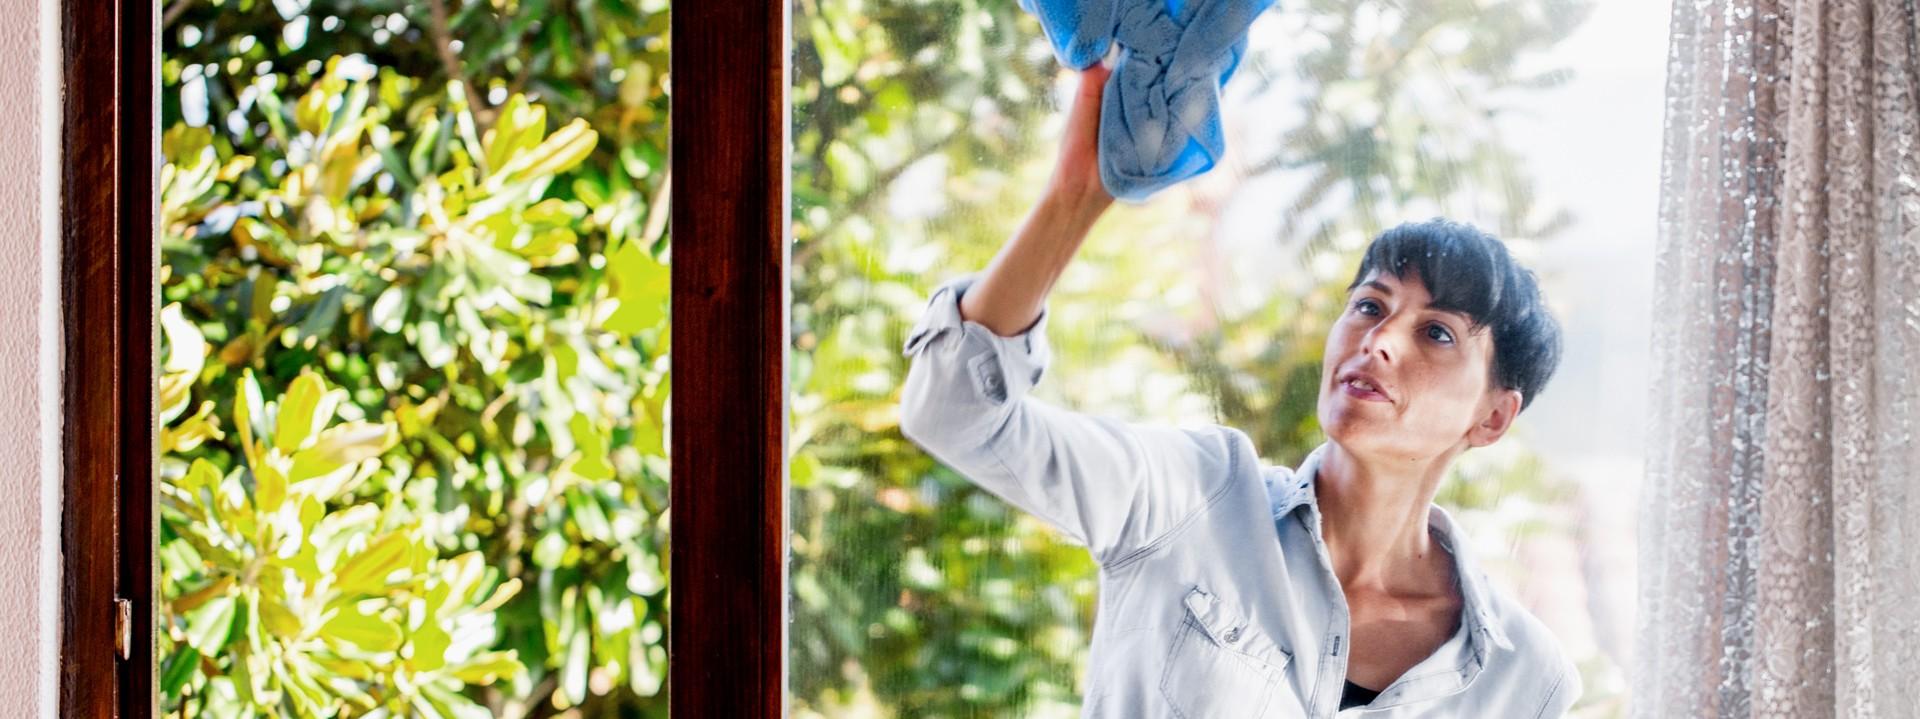 Dunkelhaarige Frau putzt ein Fenster.